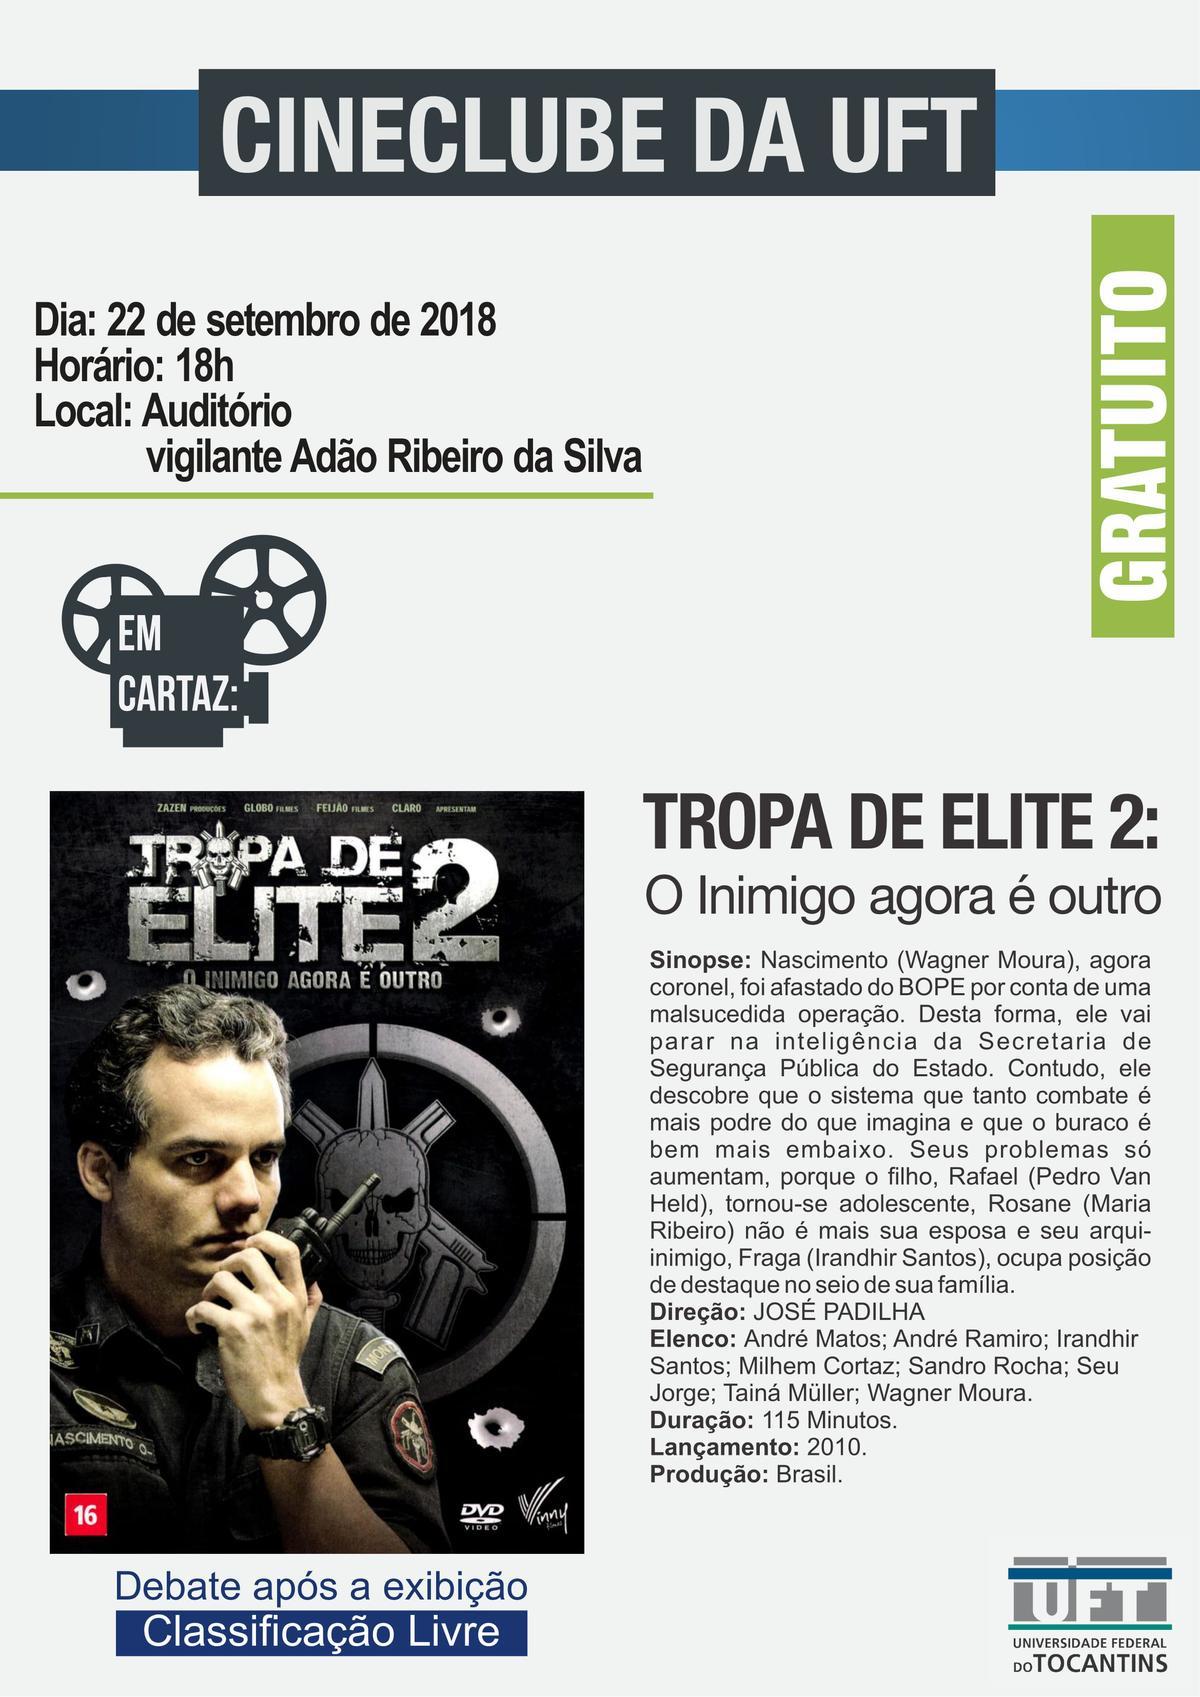 """Cineclube da UFT exibirá o filme """"Tropa de Elite 2: o inimigo agora é outro"""" neste sábado (22)"""